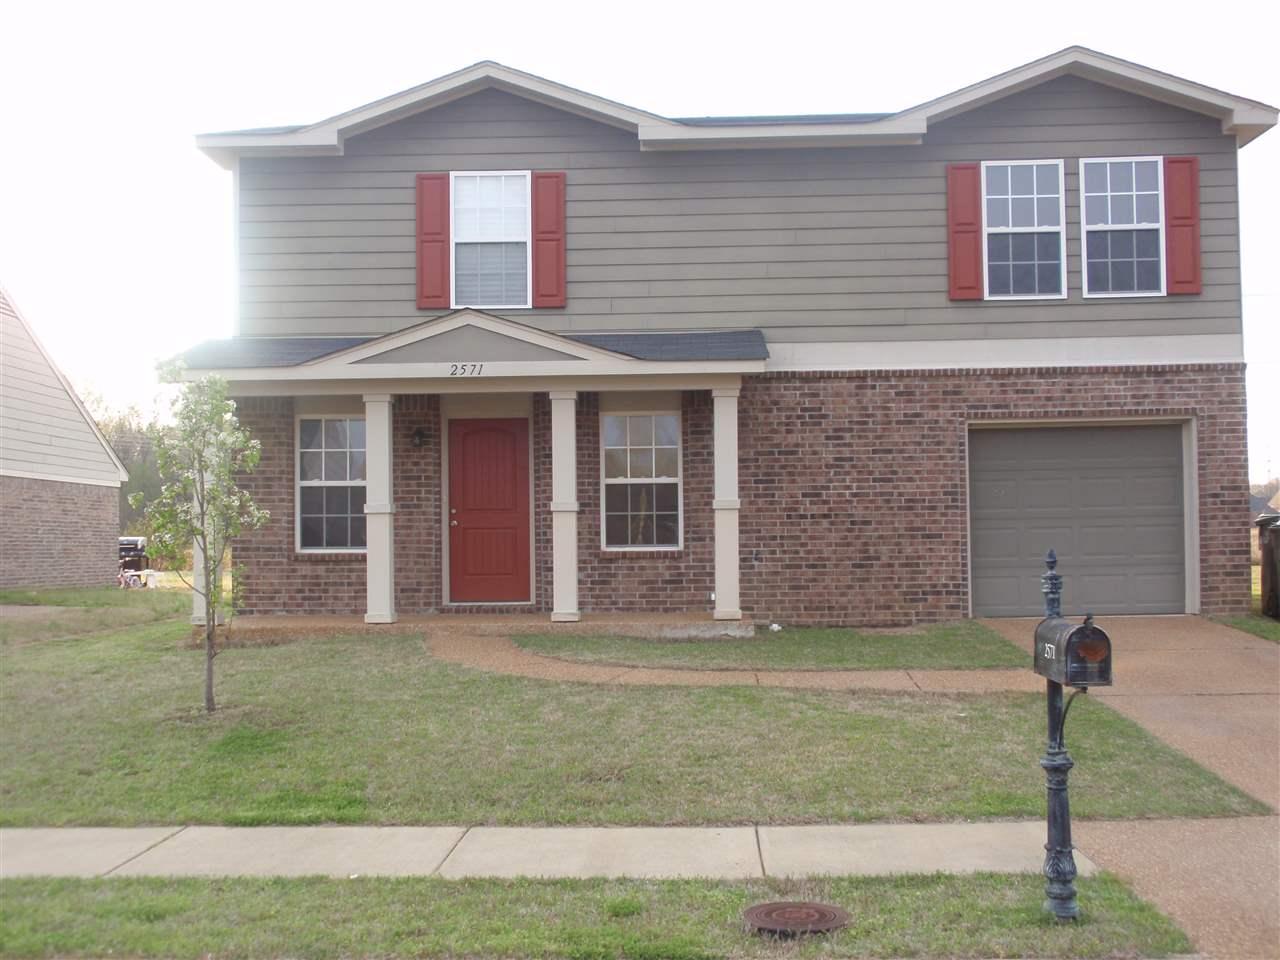 2571 Boxford Ln, Cordova, TN